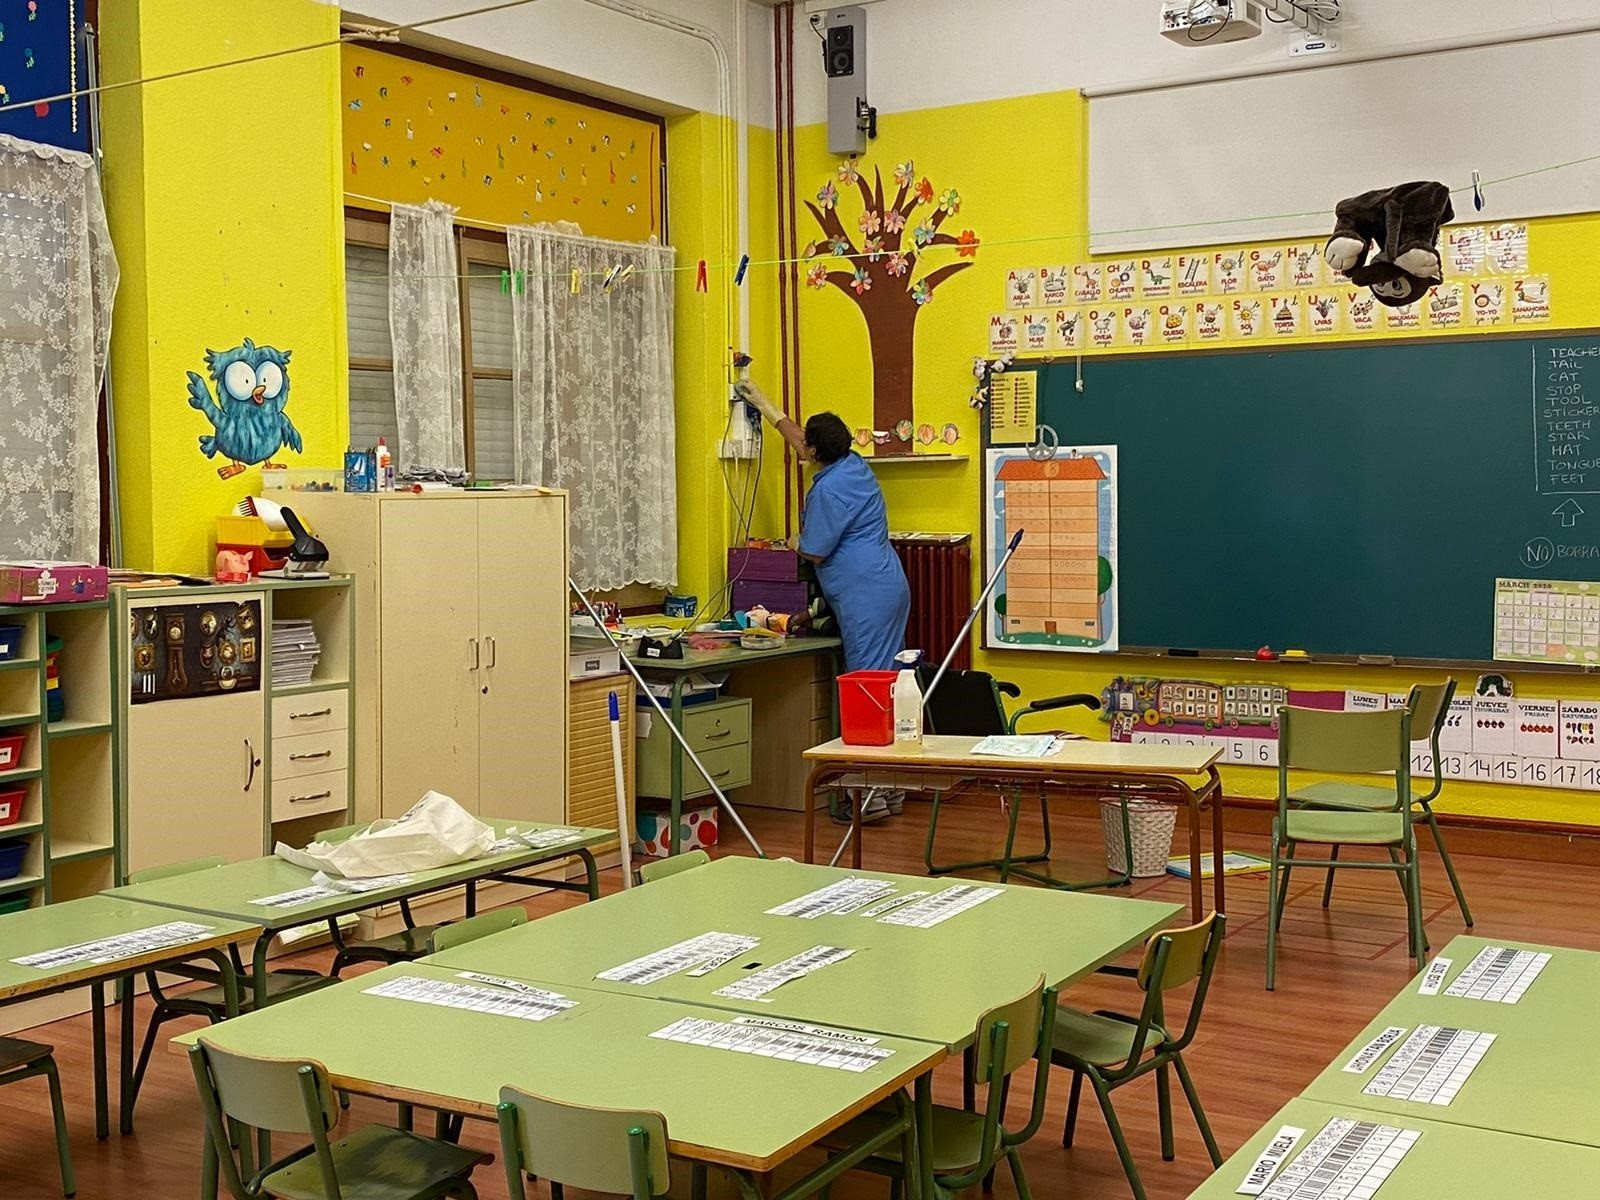 El Ayuntamiento de Calatayud realiza trabajos de limpieza y desinfección intensiva en los colegios.- AYUNTAMIENTO DE CALATAYUD